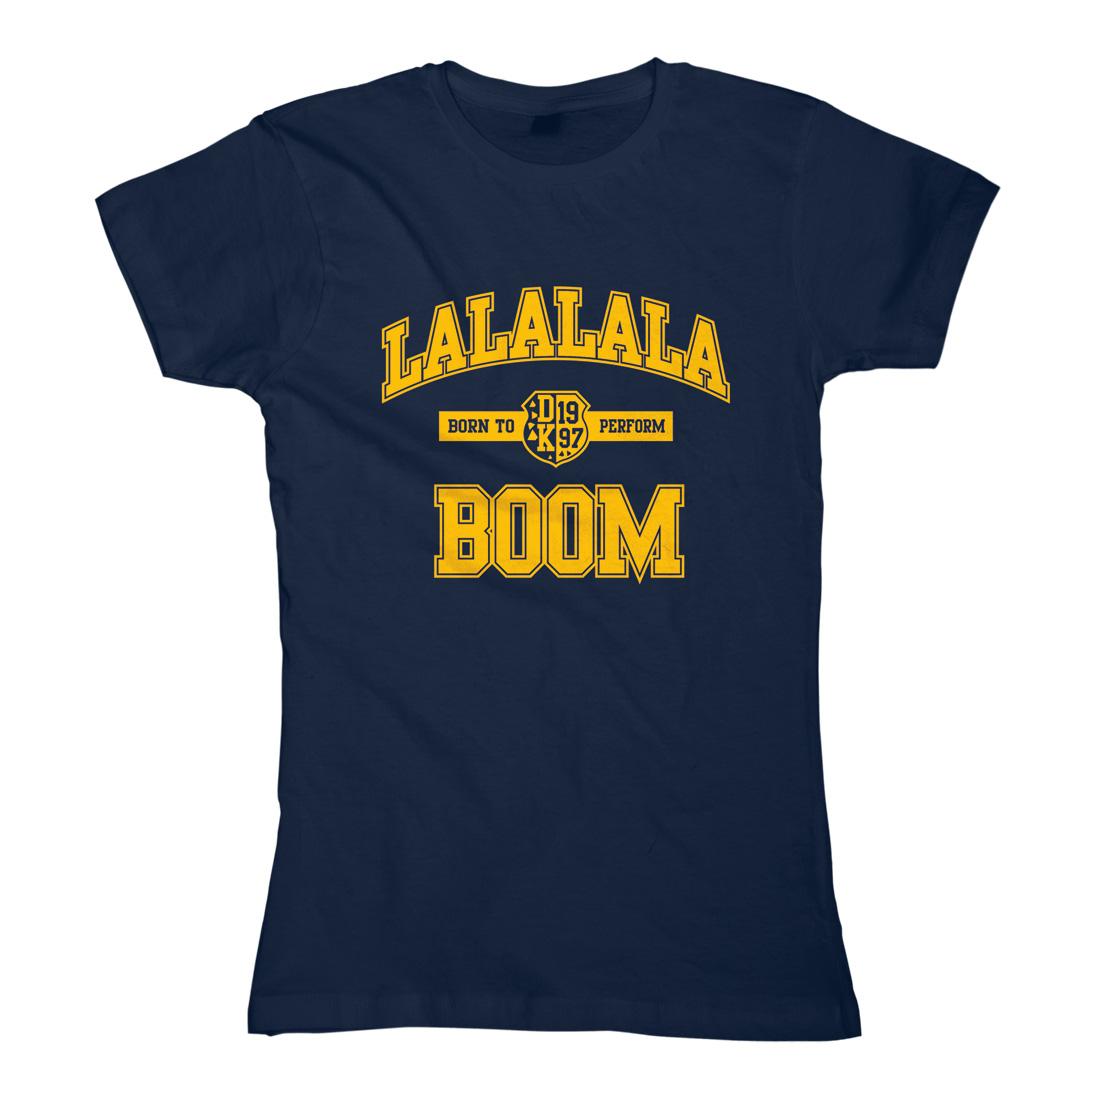 LaLaLaLa Boom von Deichkind - Girlie Shirt jetzt im Bravado Shop